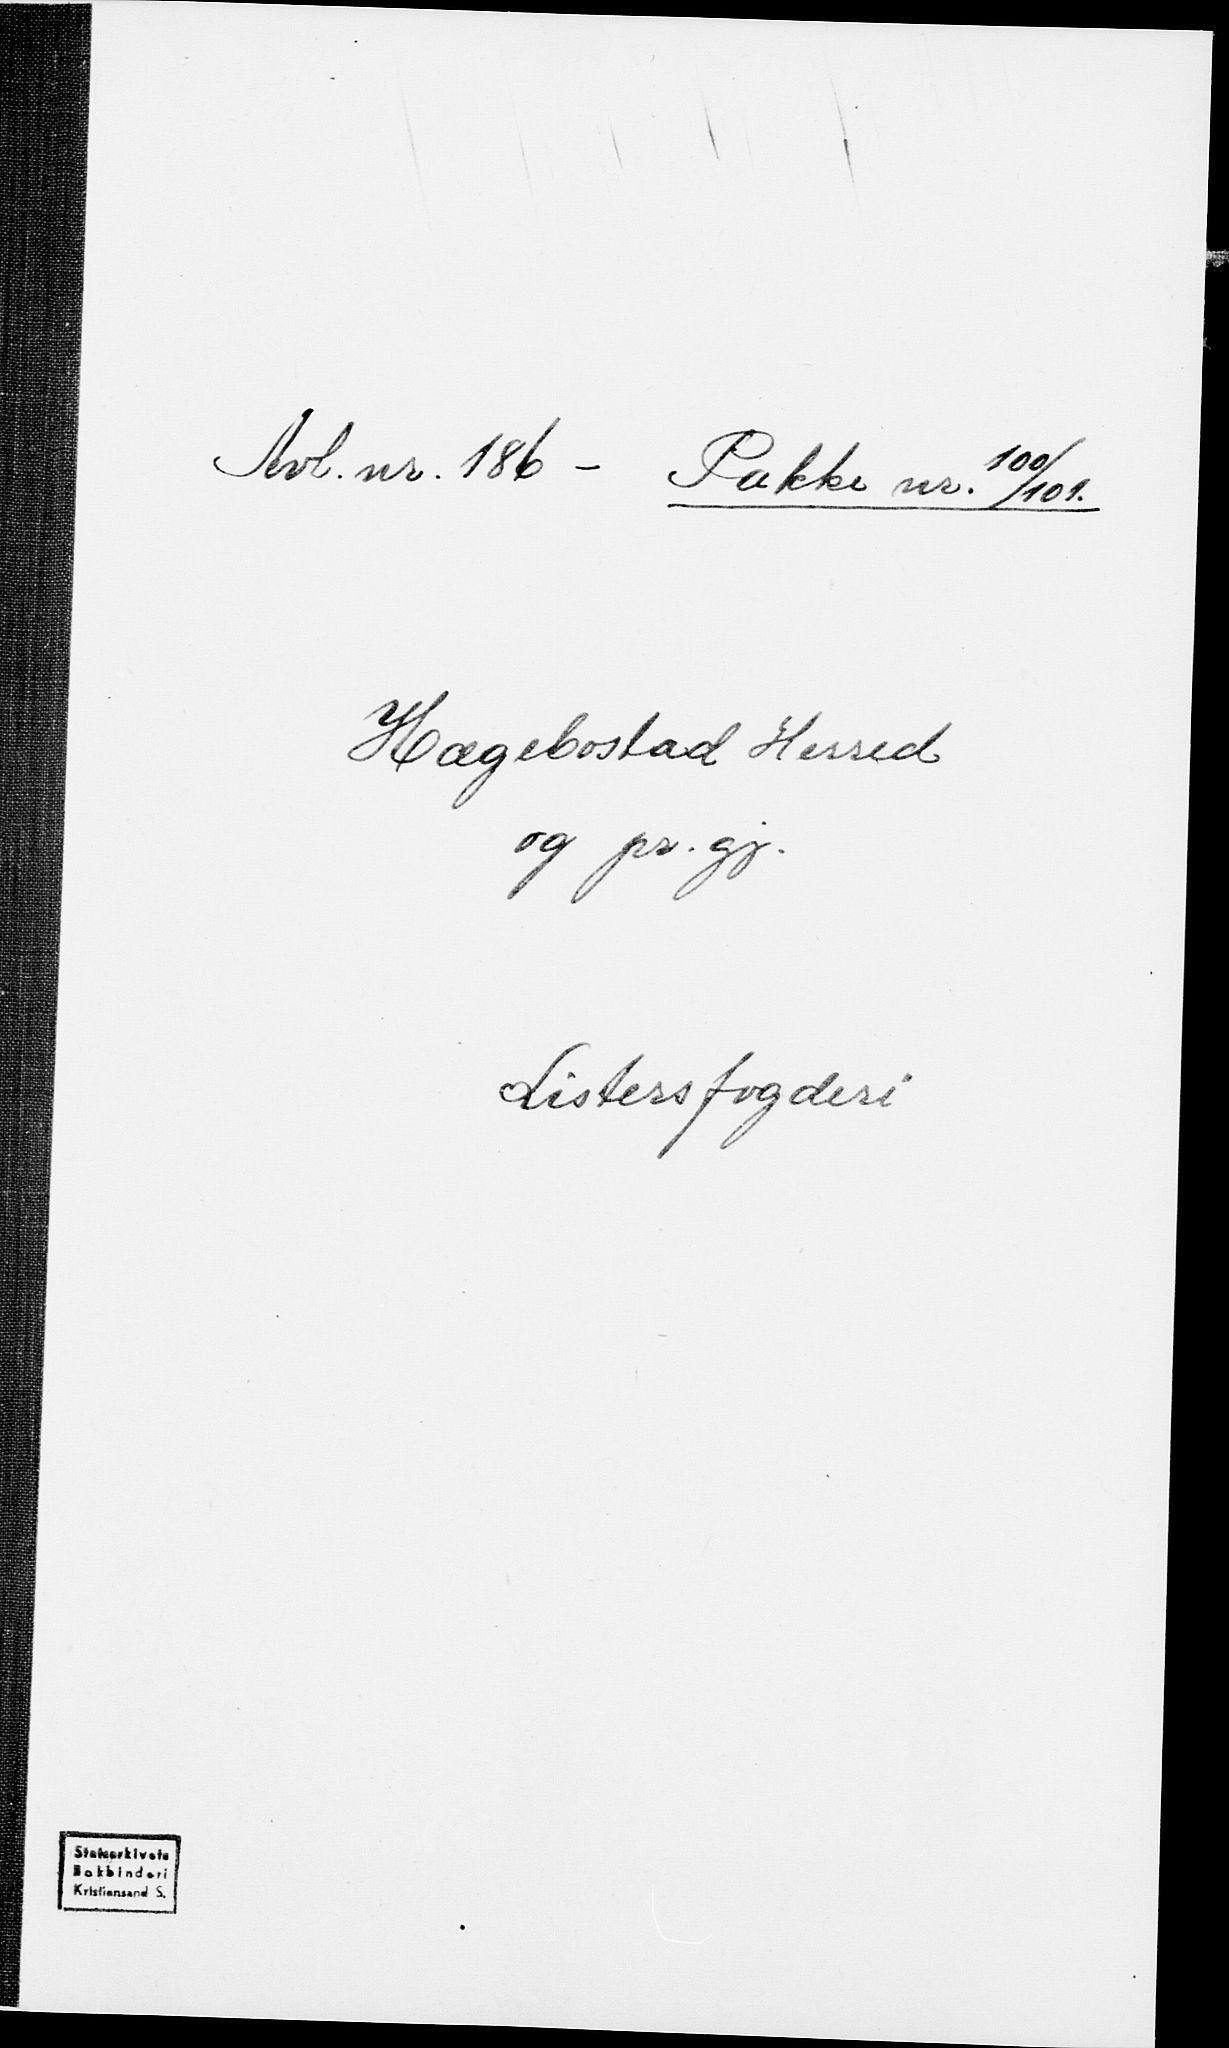 SAK, Folketelling 1875 for 1034P Hægebostad prestegjeld, 1875, s. 1